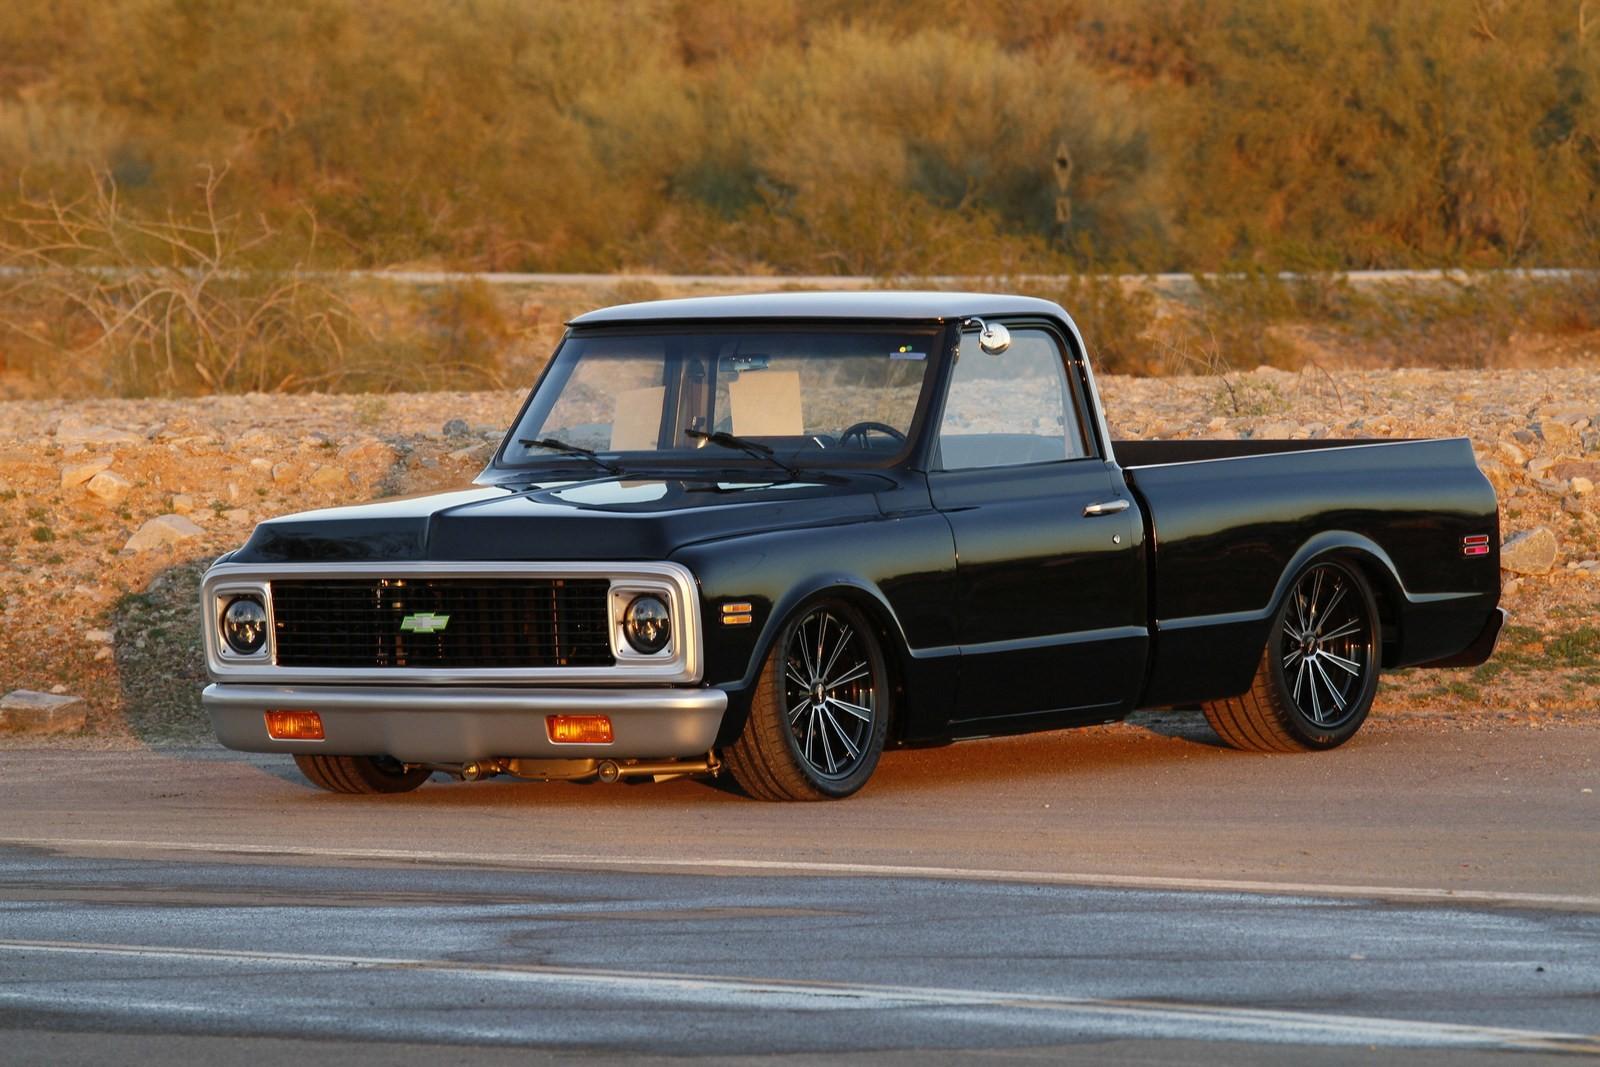 Xe++ - 9 chiếc xe tải Chevrolet đắt giá nhất được bán tại Barrett-Jackson (Hình 10).